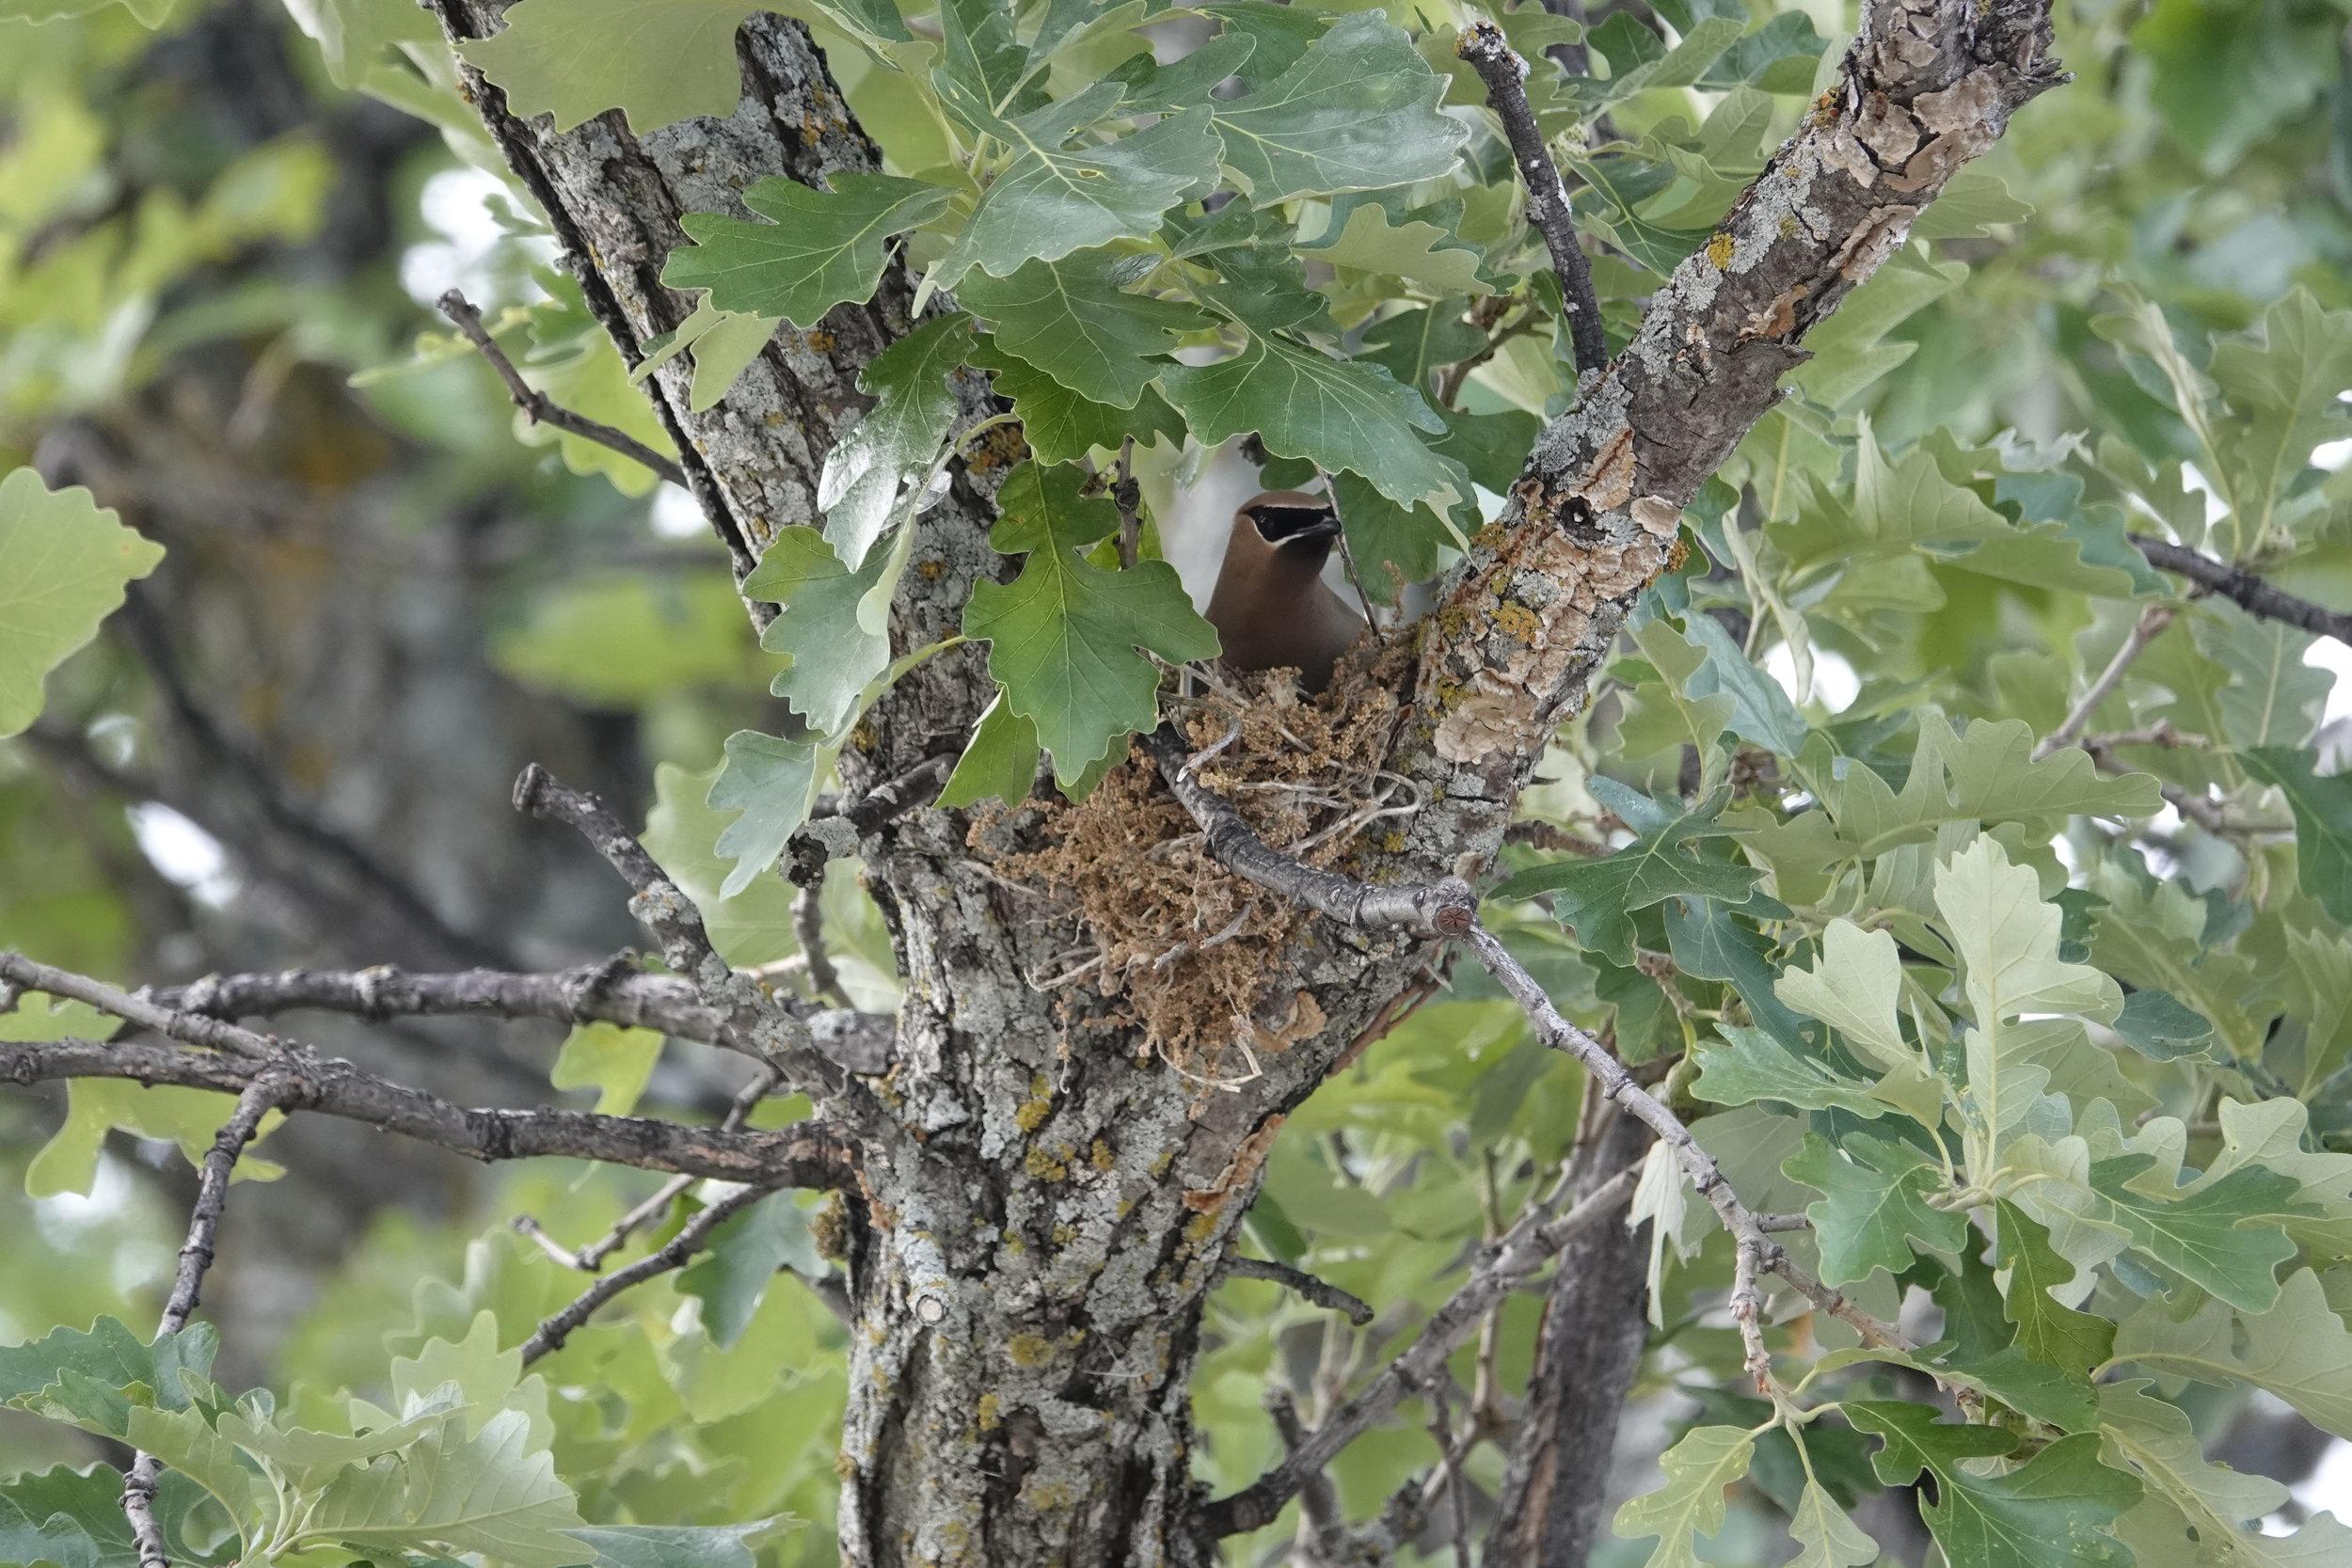 The nest of Cedar Waxwings.